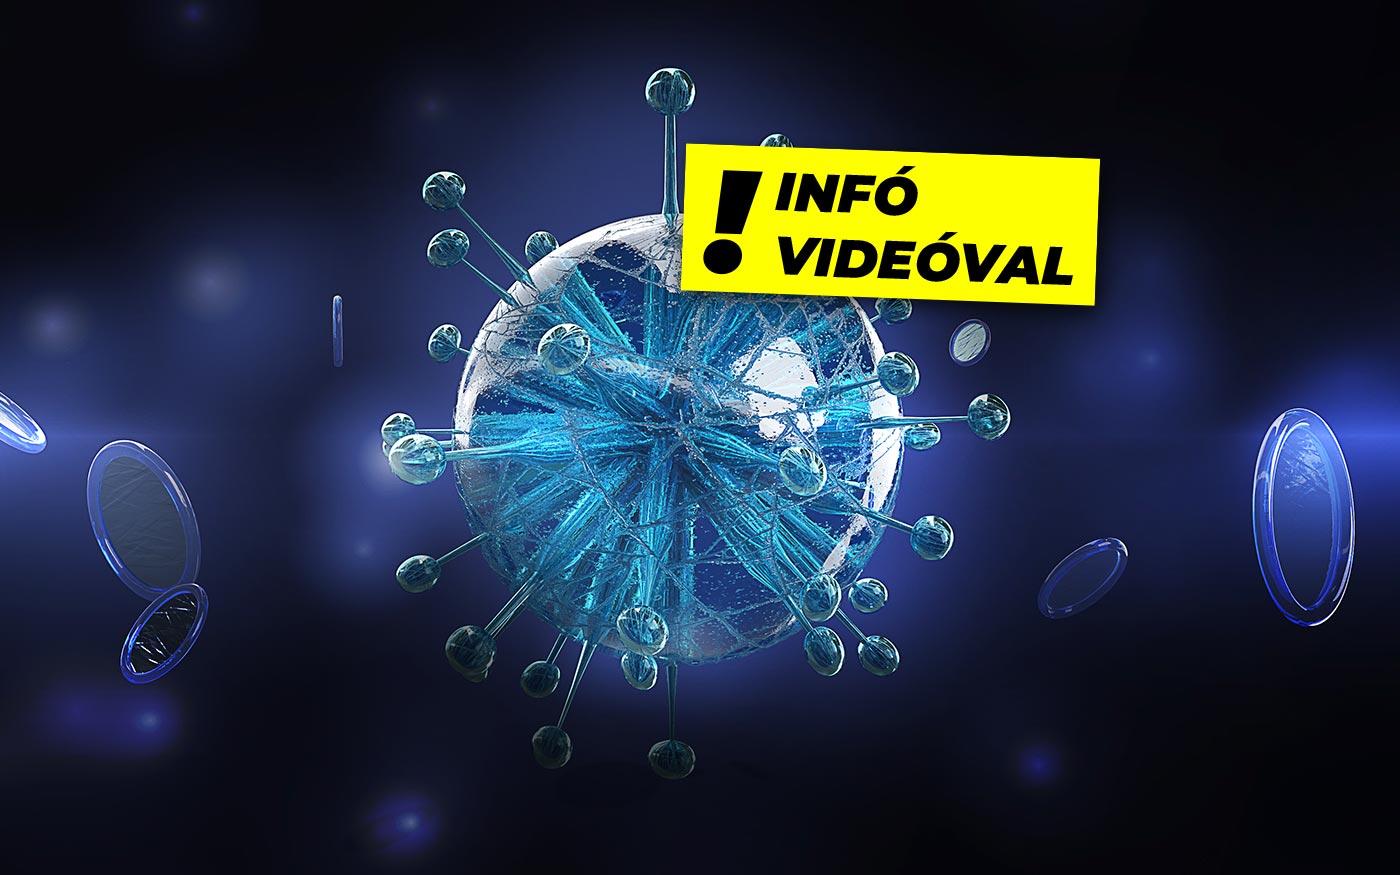 Informatív összefoglaló videó, koronavírus ügyben